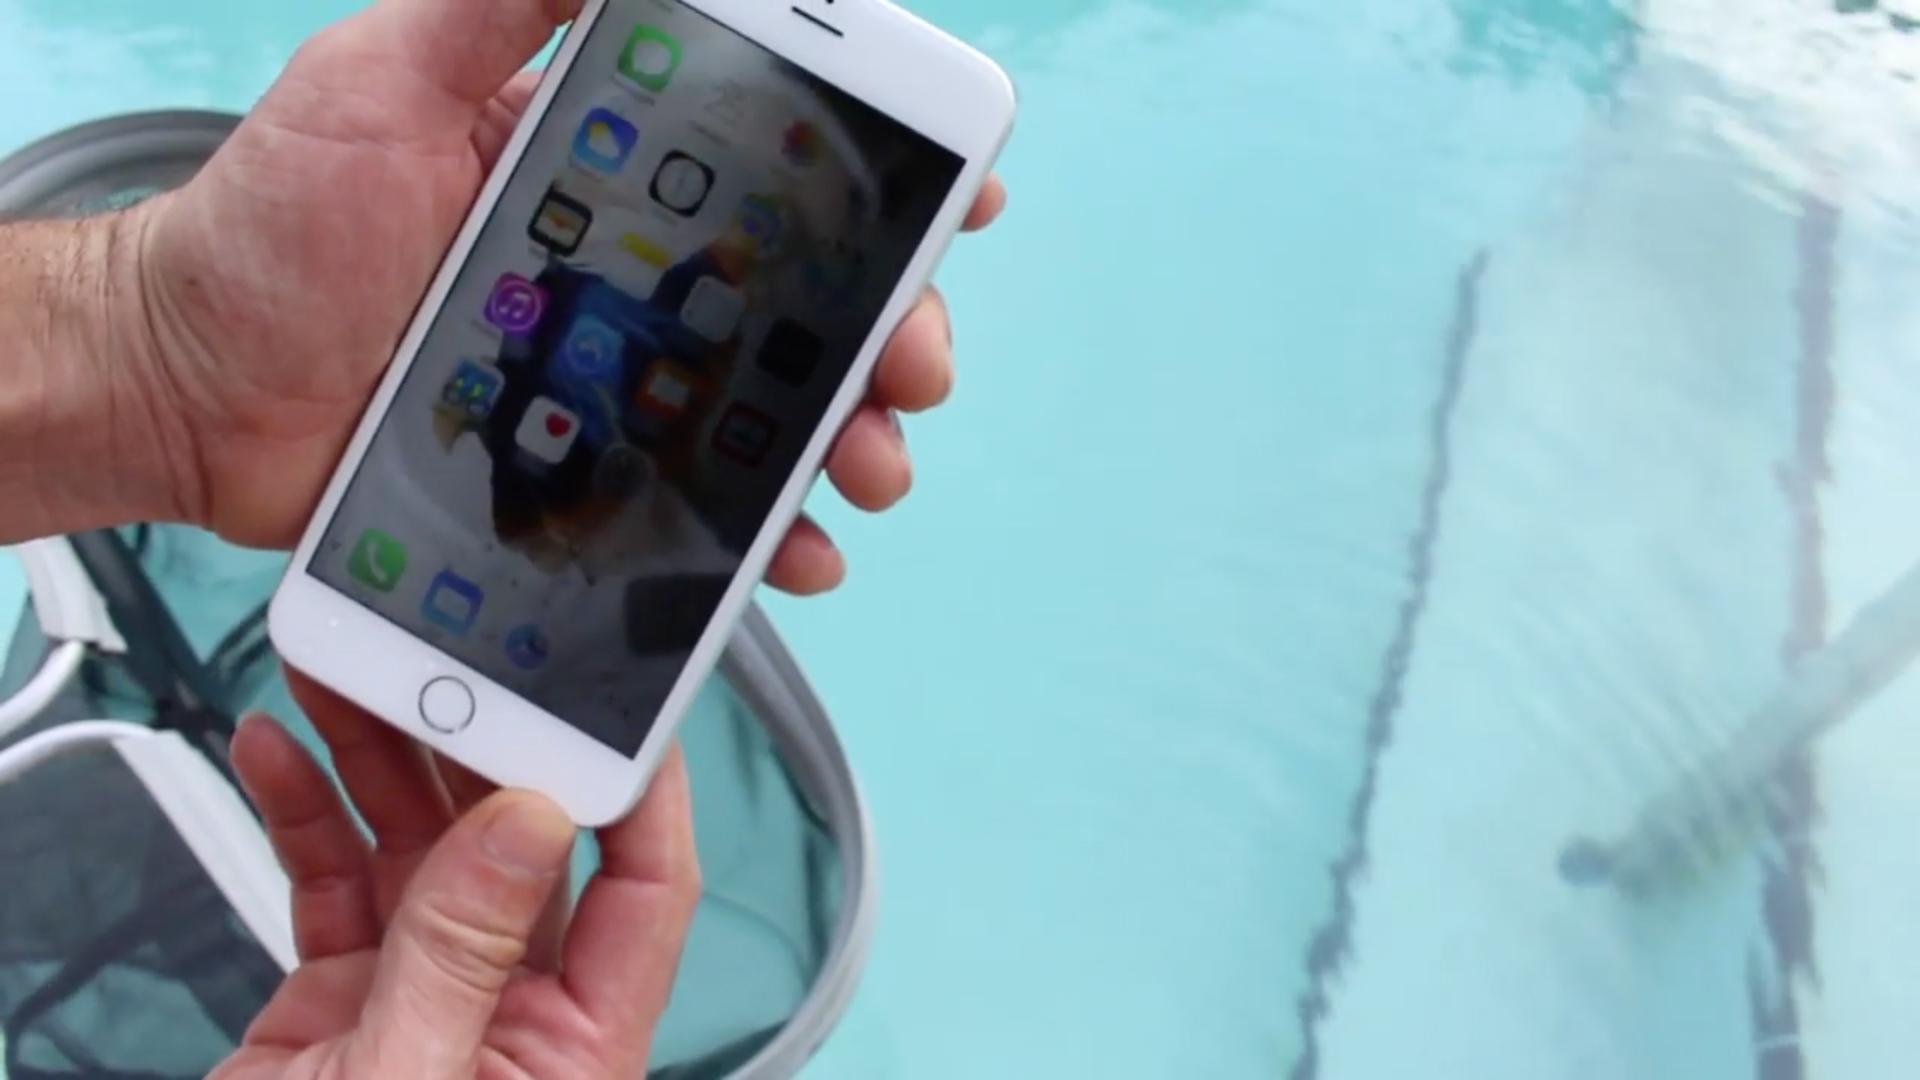 iPhone 6s Plus Waterproof Test